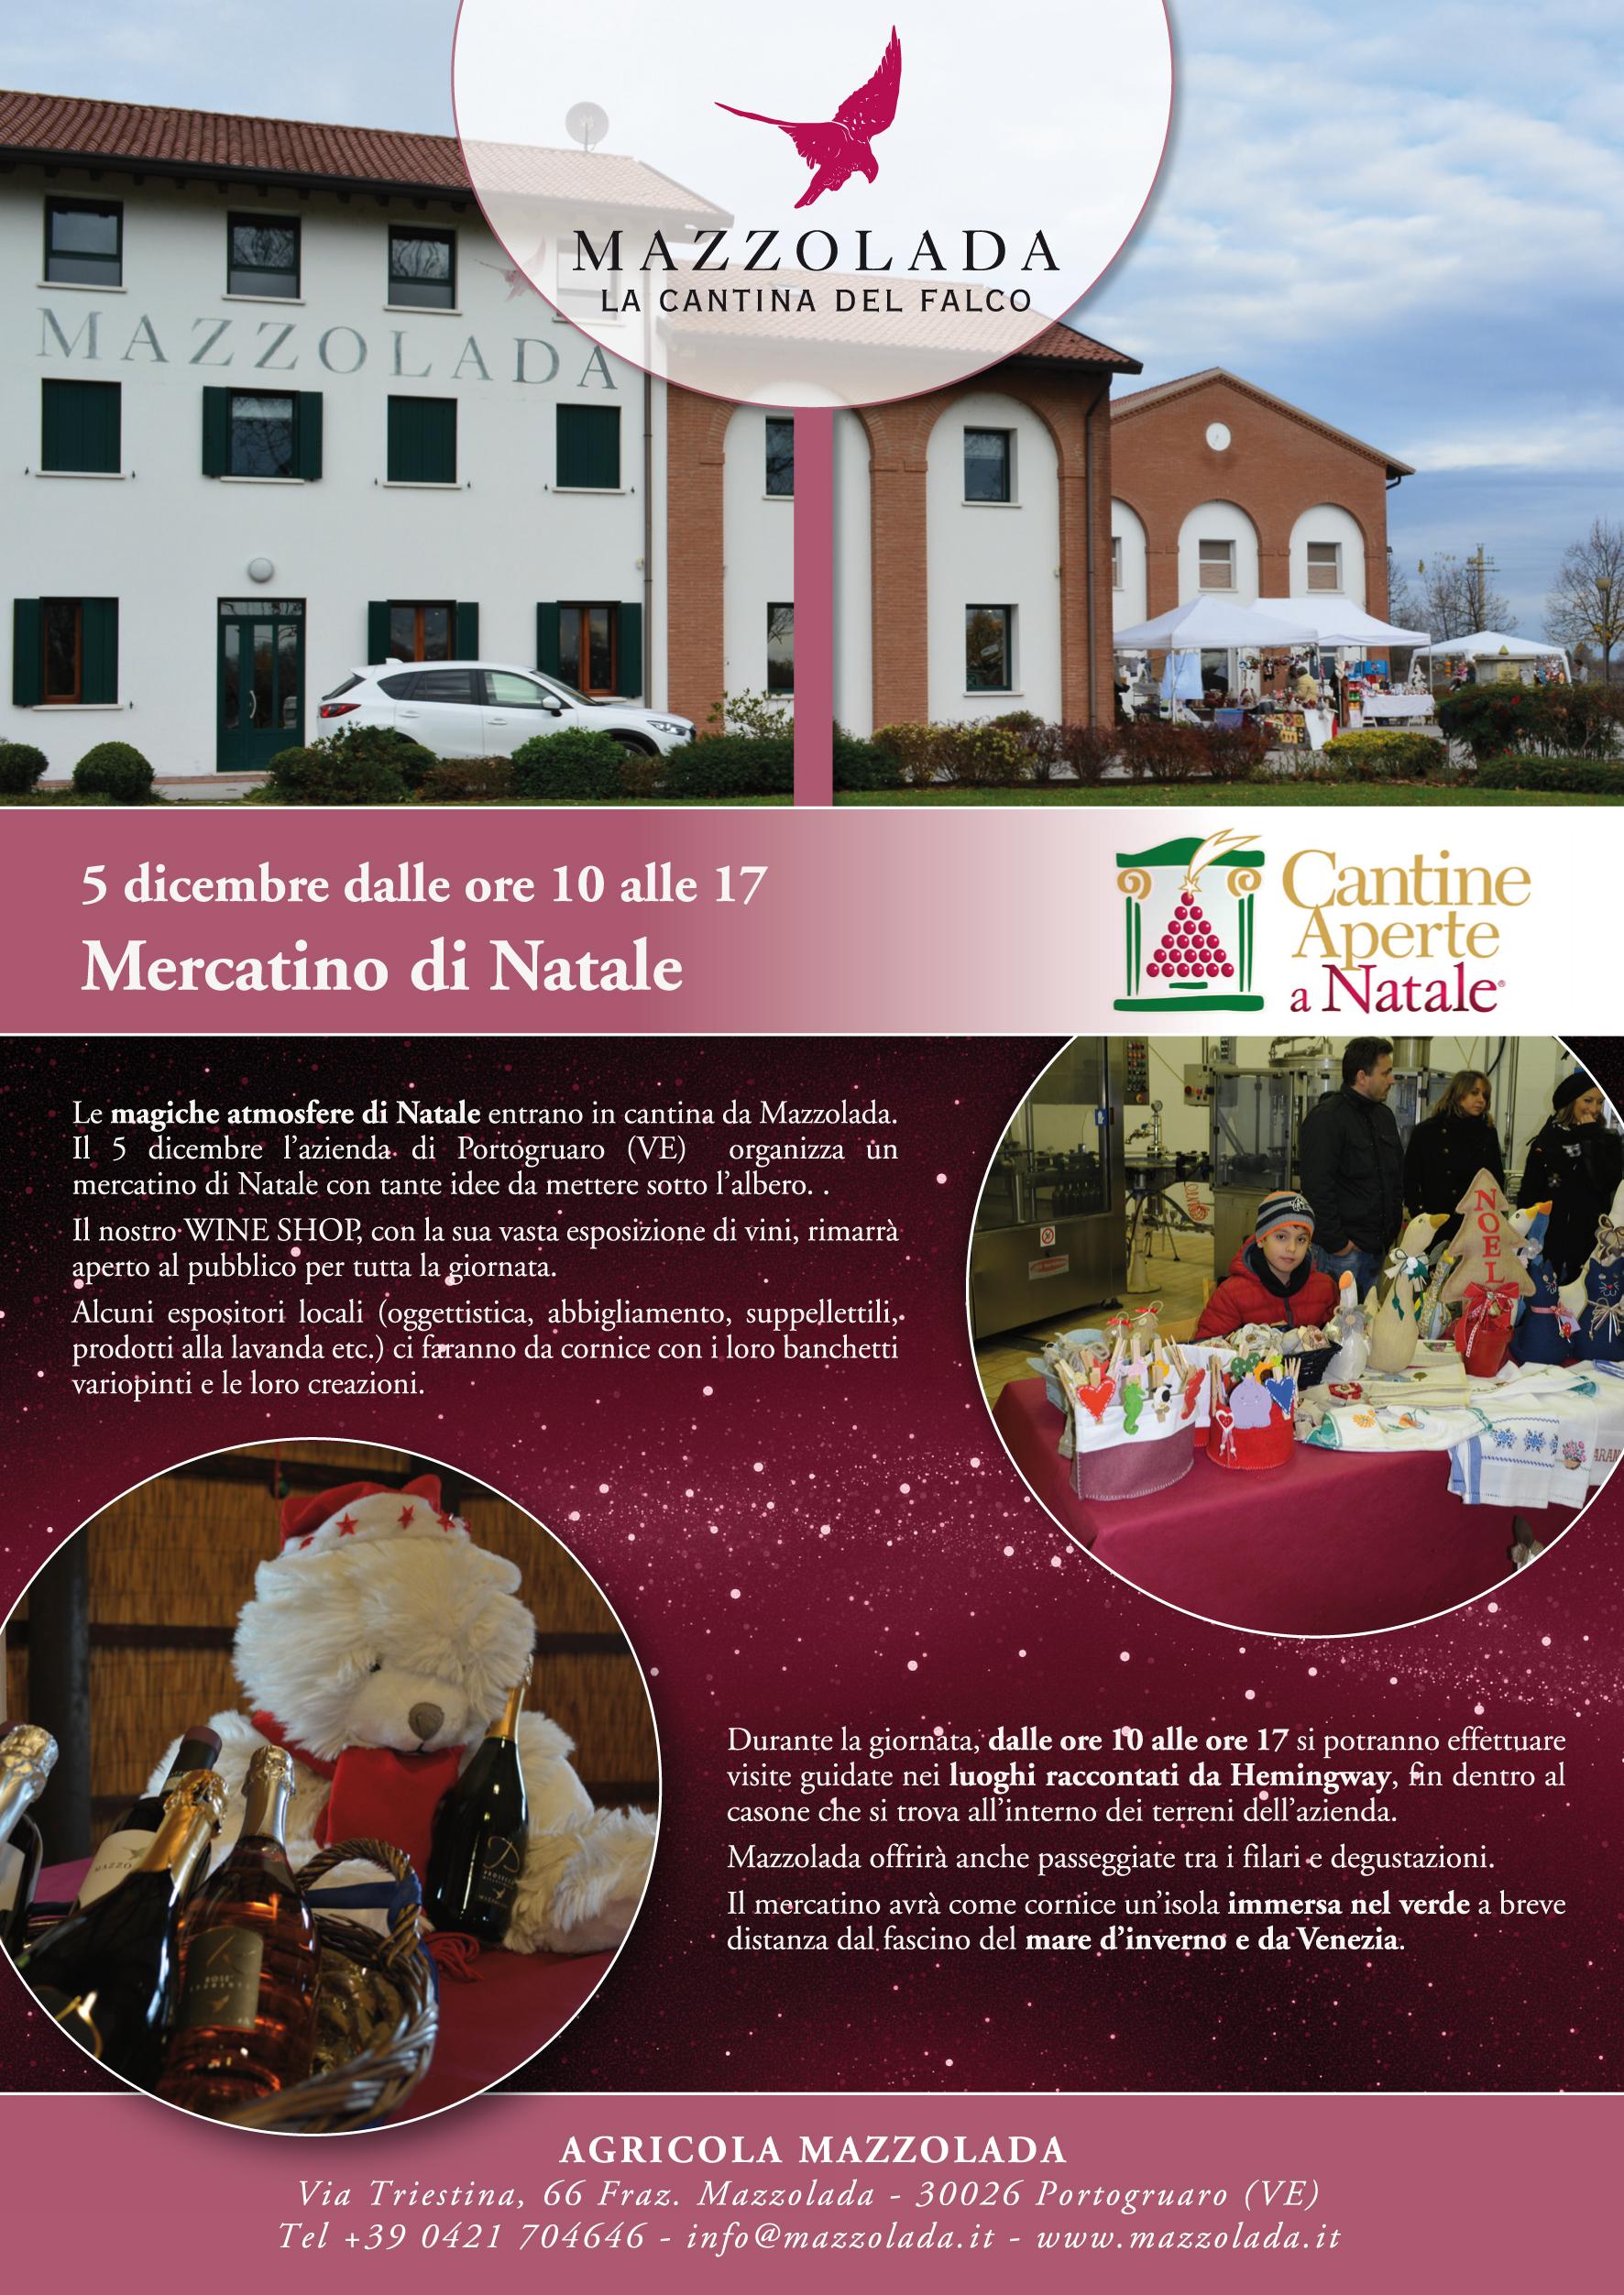 4f6b0d0d37 05/12/2015 ai nostri MERCATINI DI NATALE - SABATO 5 Dicembre dalle ore 10  alle 17 . Vari espositori , antiquari ed artigiani esporranno il meglio  delle loro ...